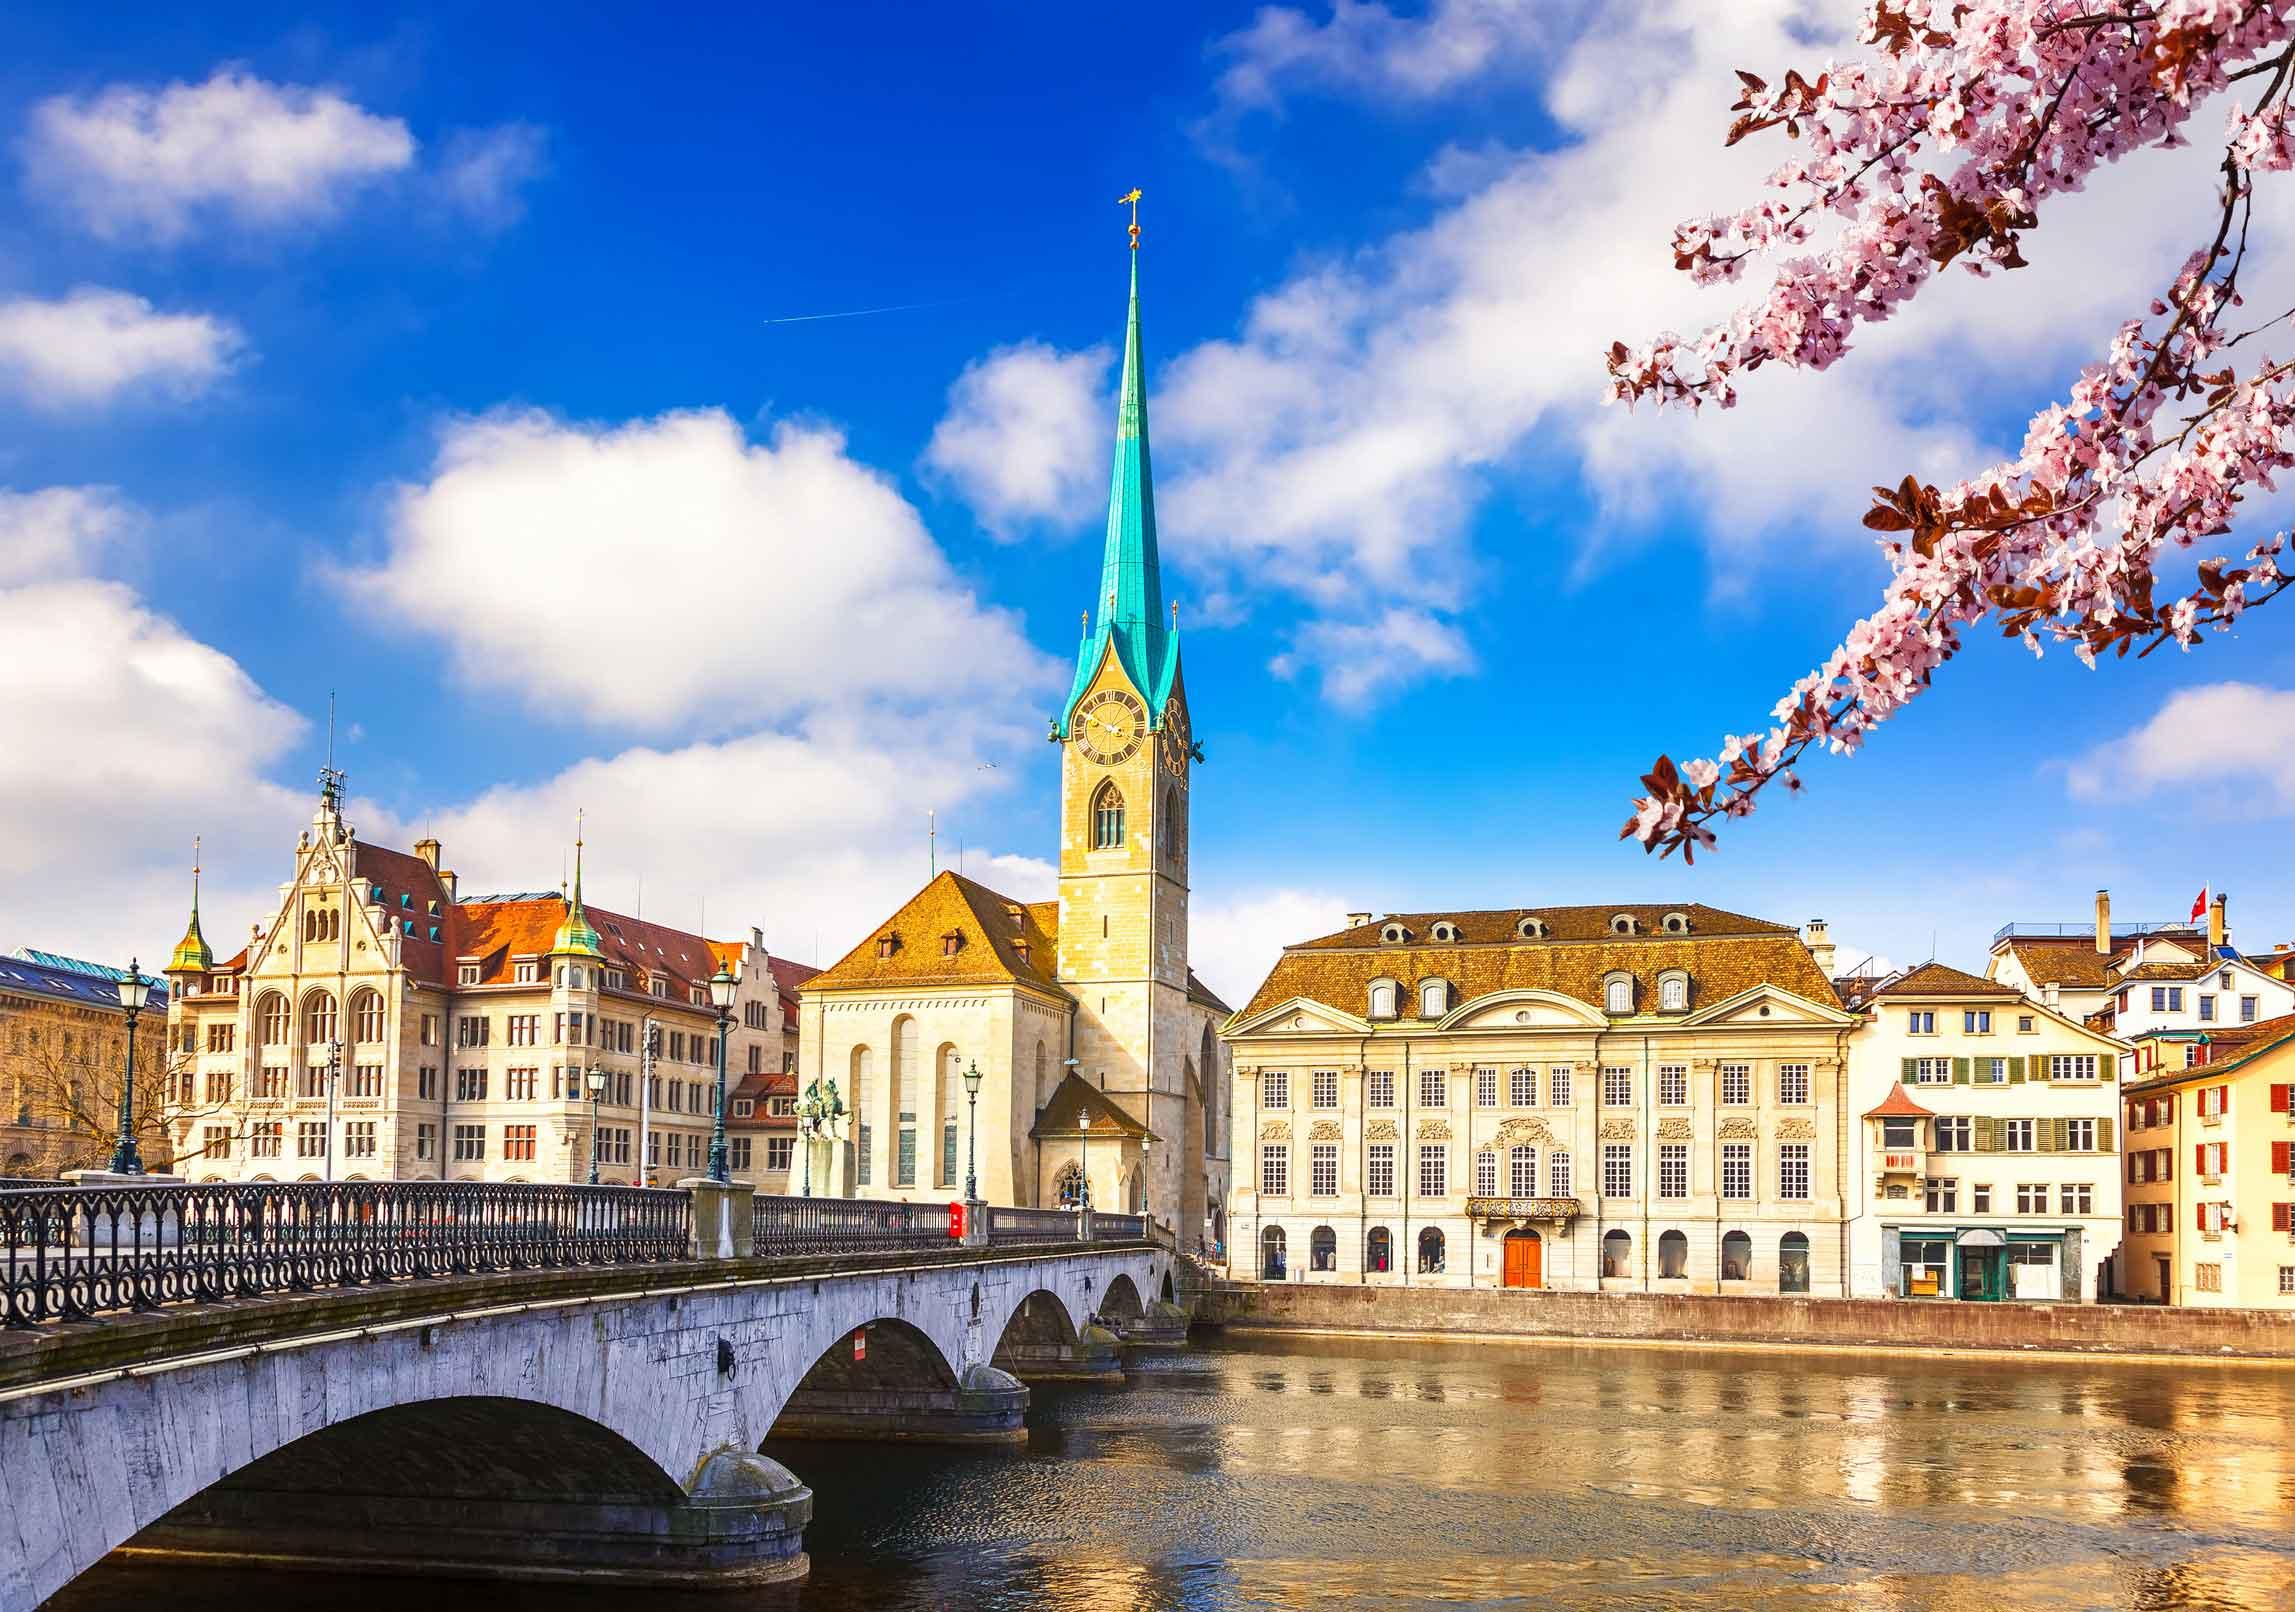 Hotel nella regione di Zurigo - Pieno di attrazioni In ogni angolo del mondo c'è sempre qualcuno che si stupisce del fatto che la